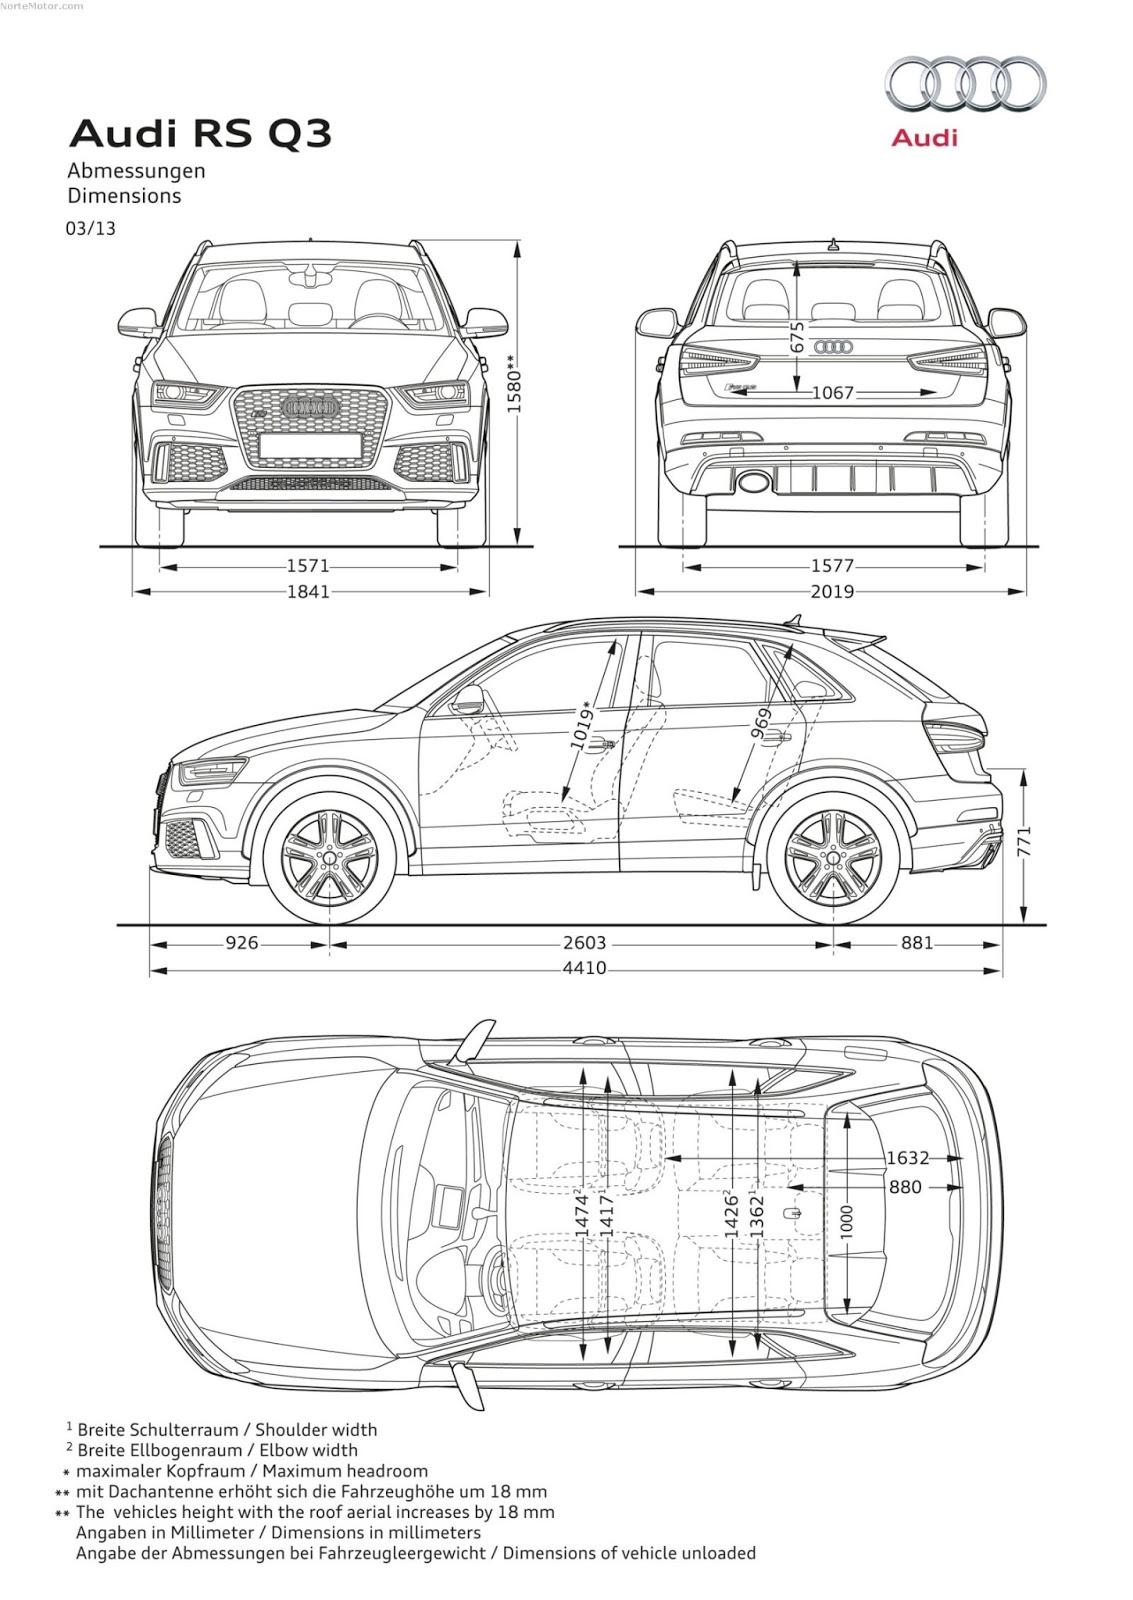 Revista Coche Todos Los Detalles Del Nuevo Audi Rs Q3